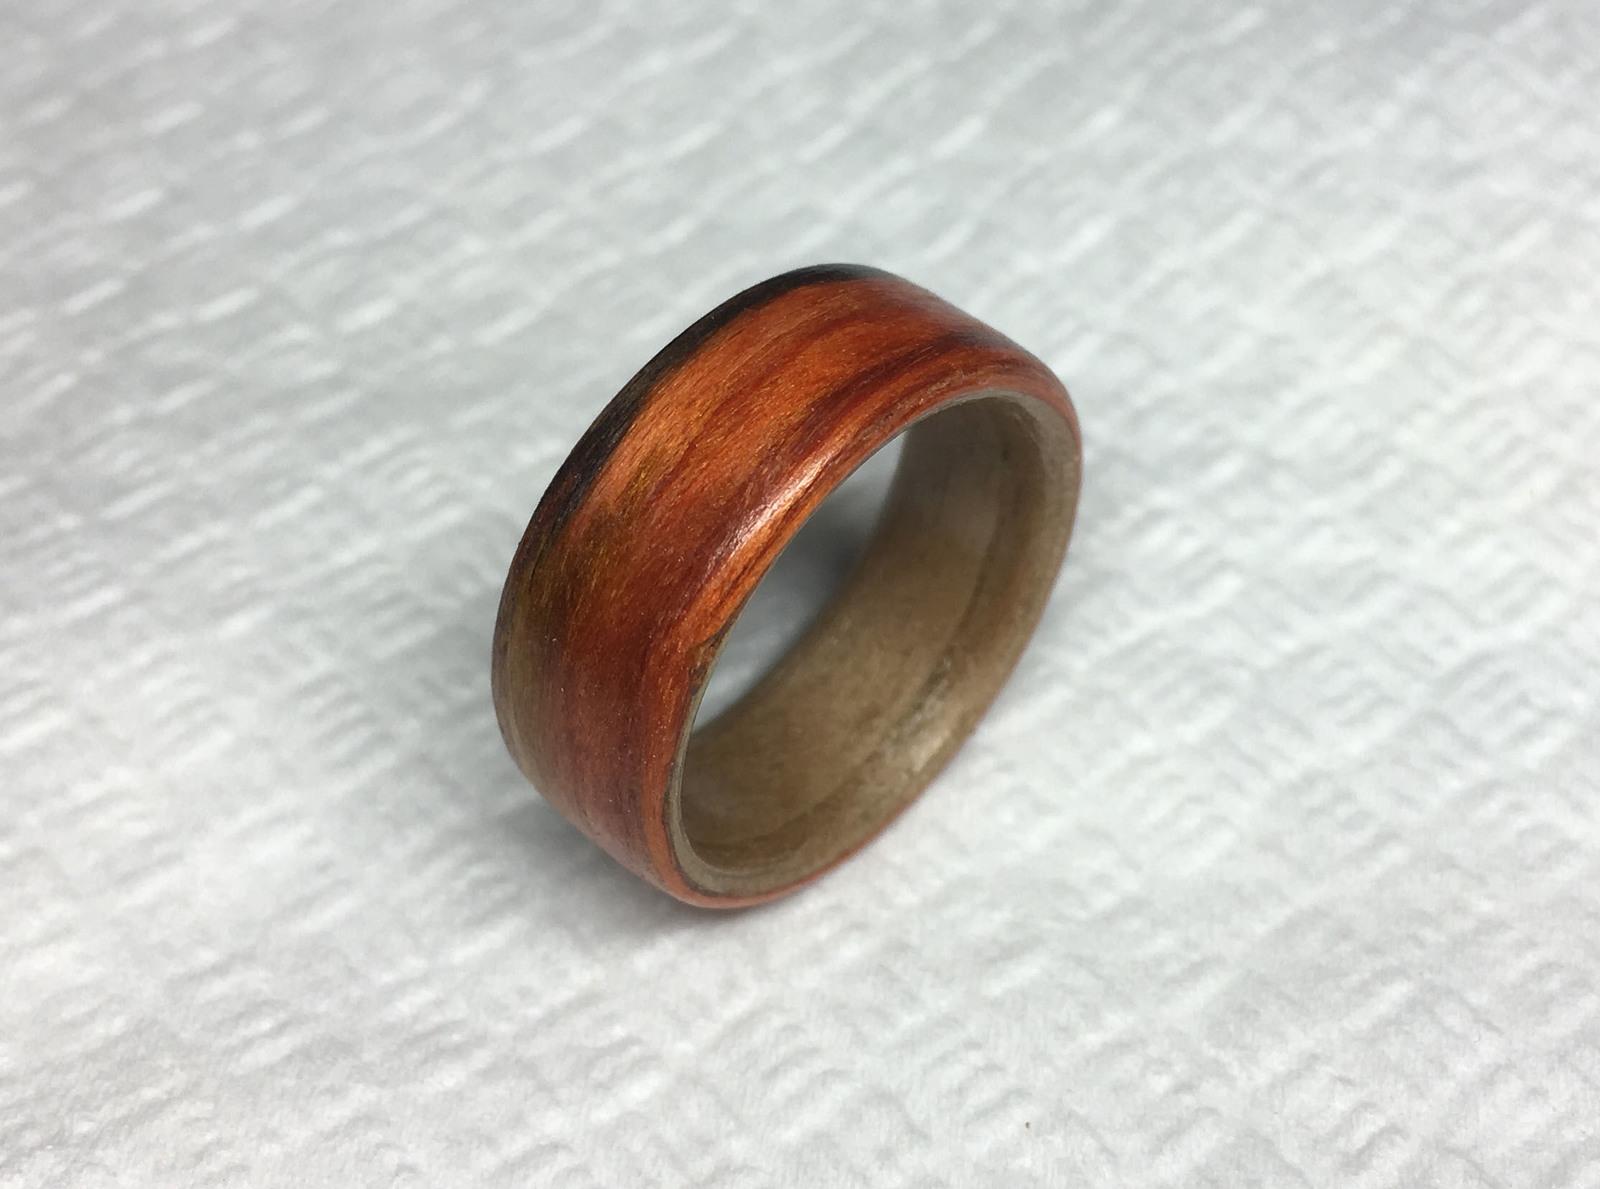 Фото как сделать кольцо своими руками фото 58